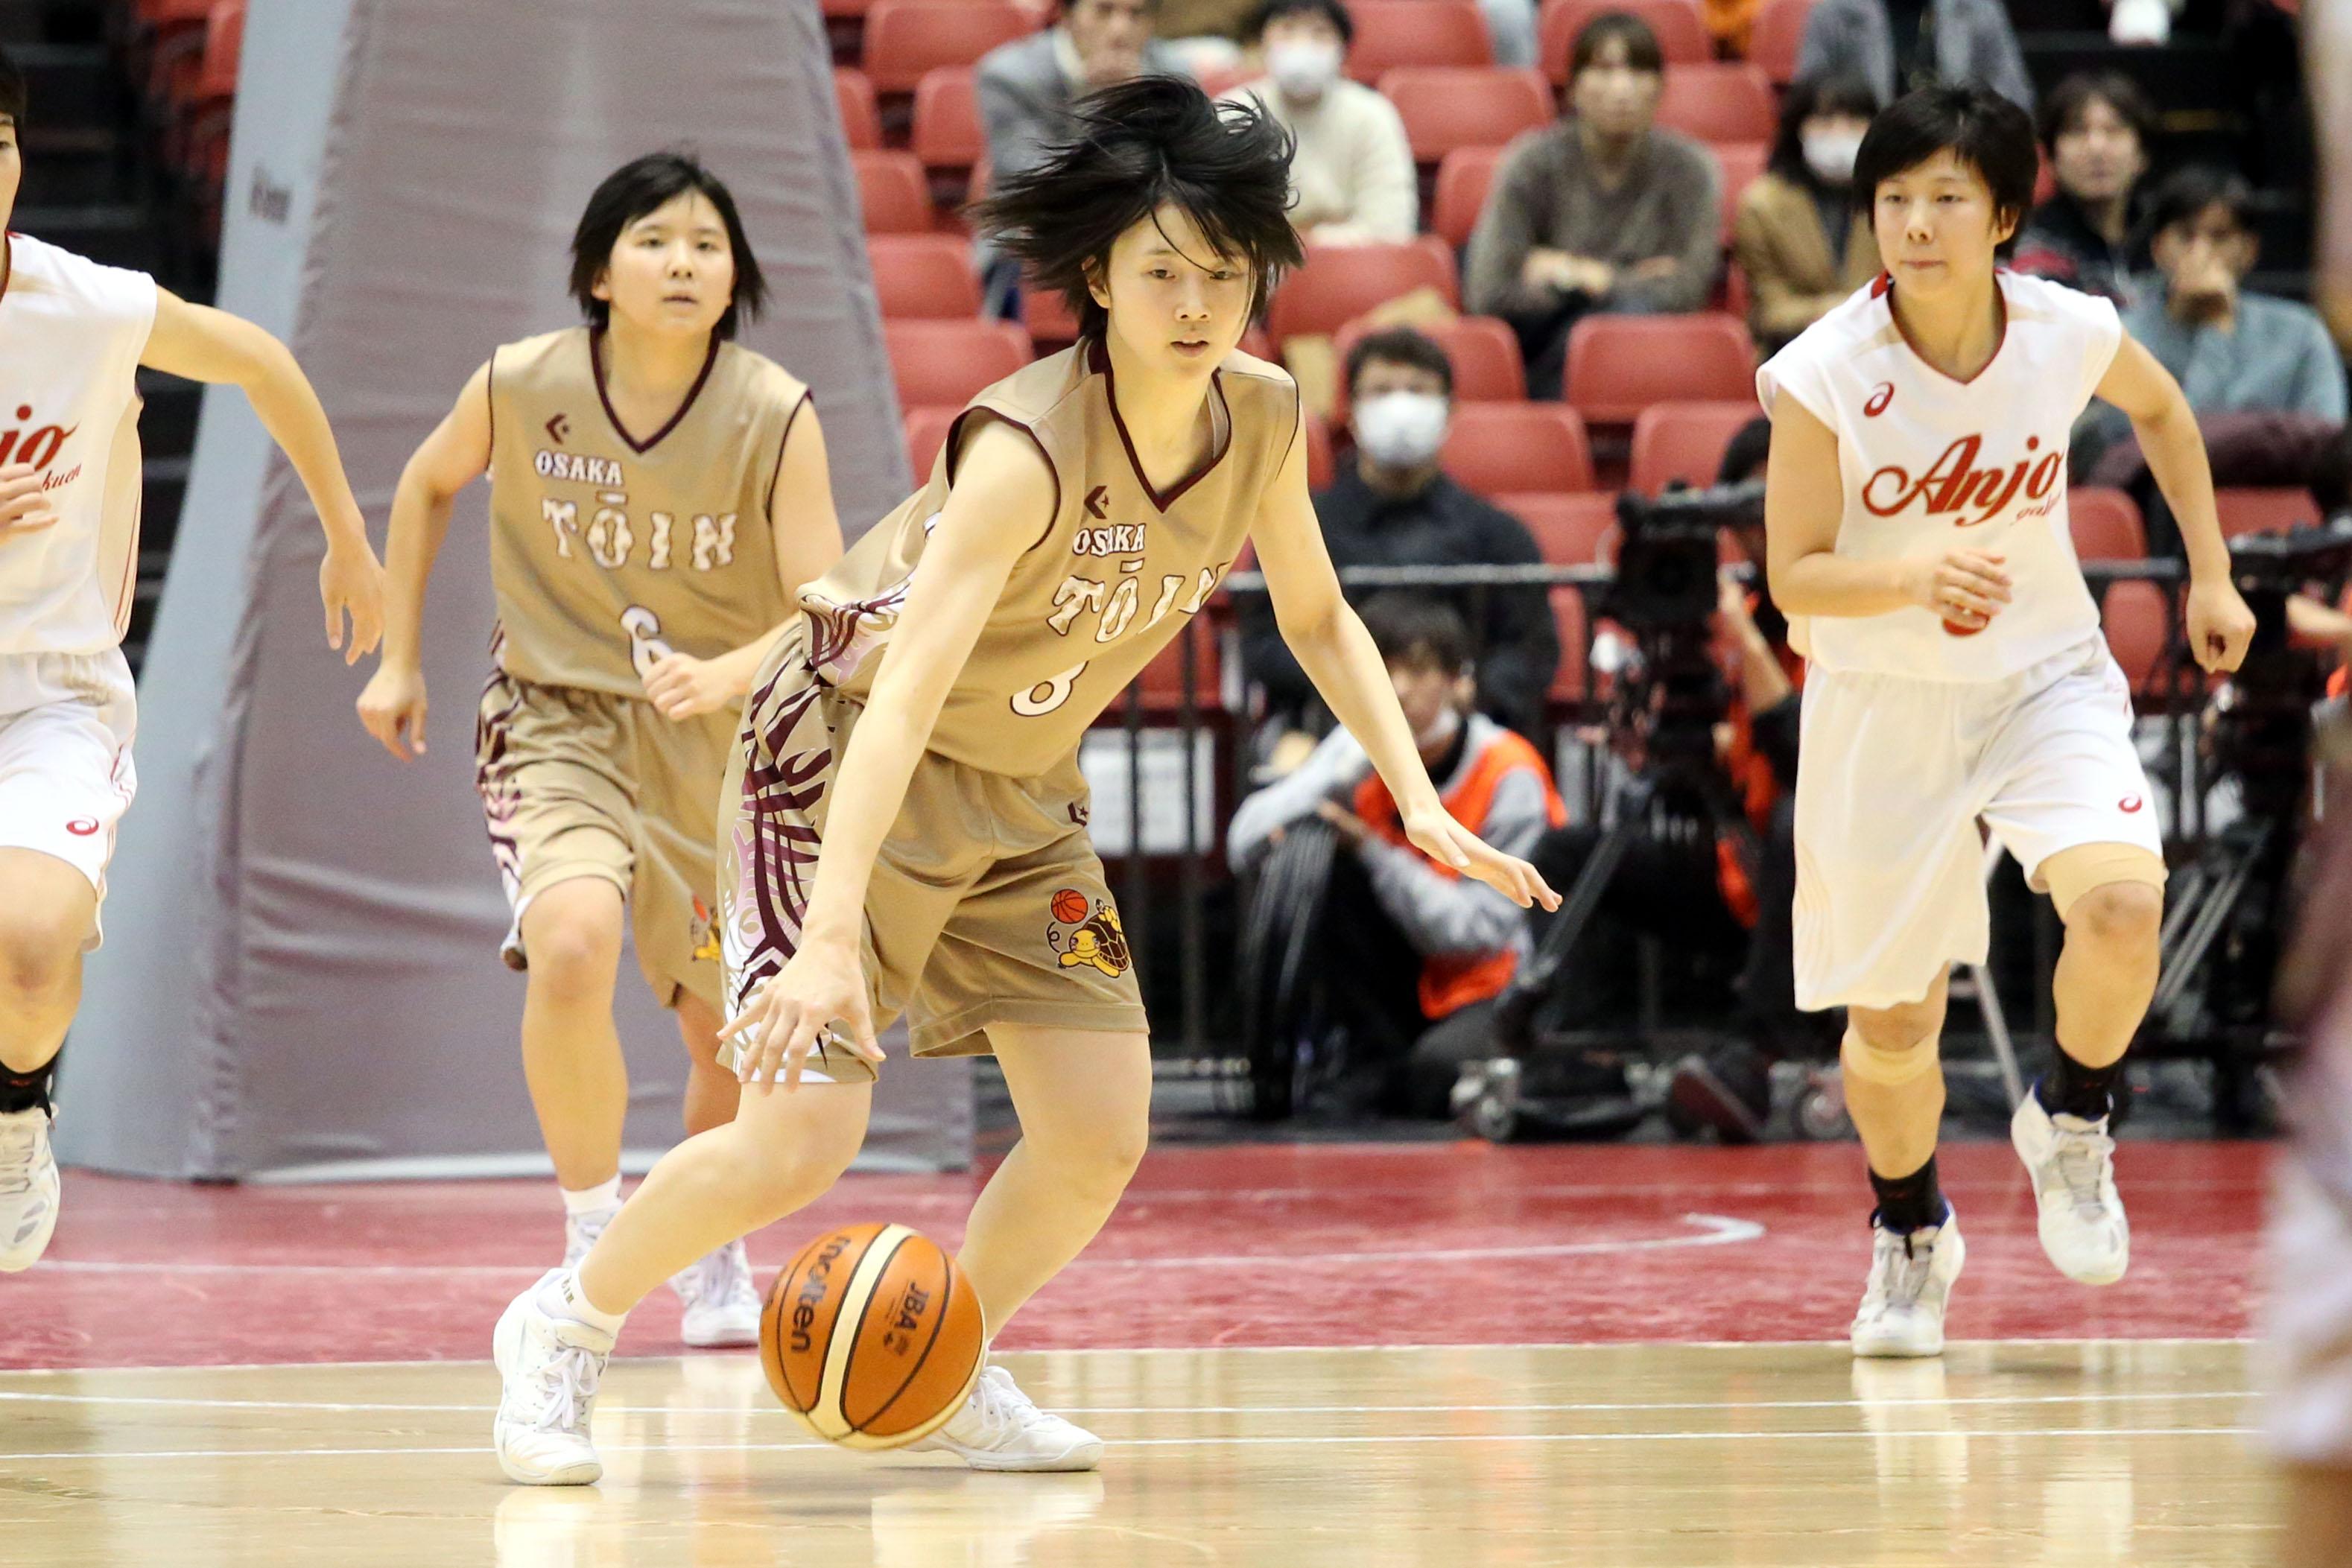 体を張ったリバウンドで勝利に貢献した娘・永井唯菜【写真:平野貴也】